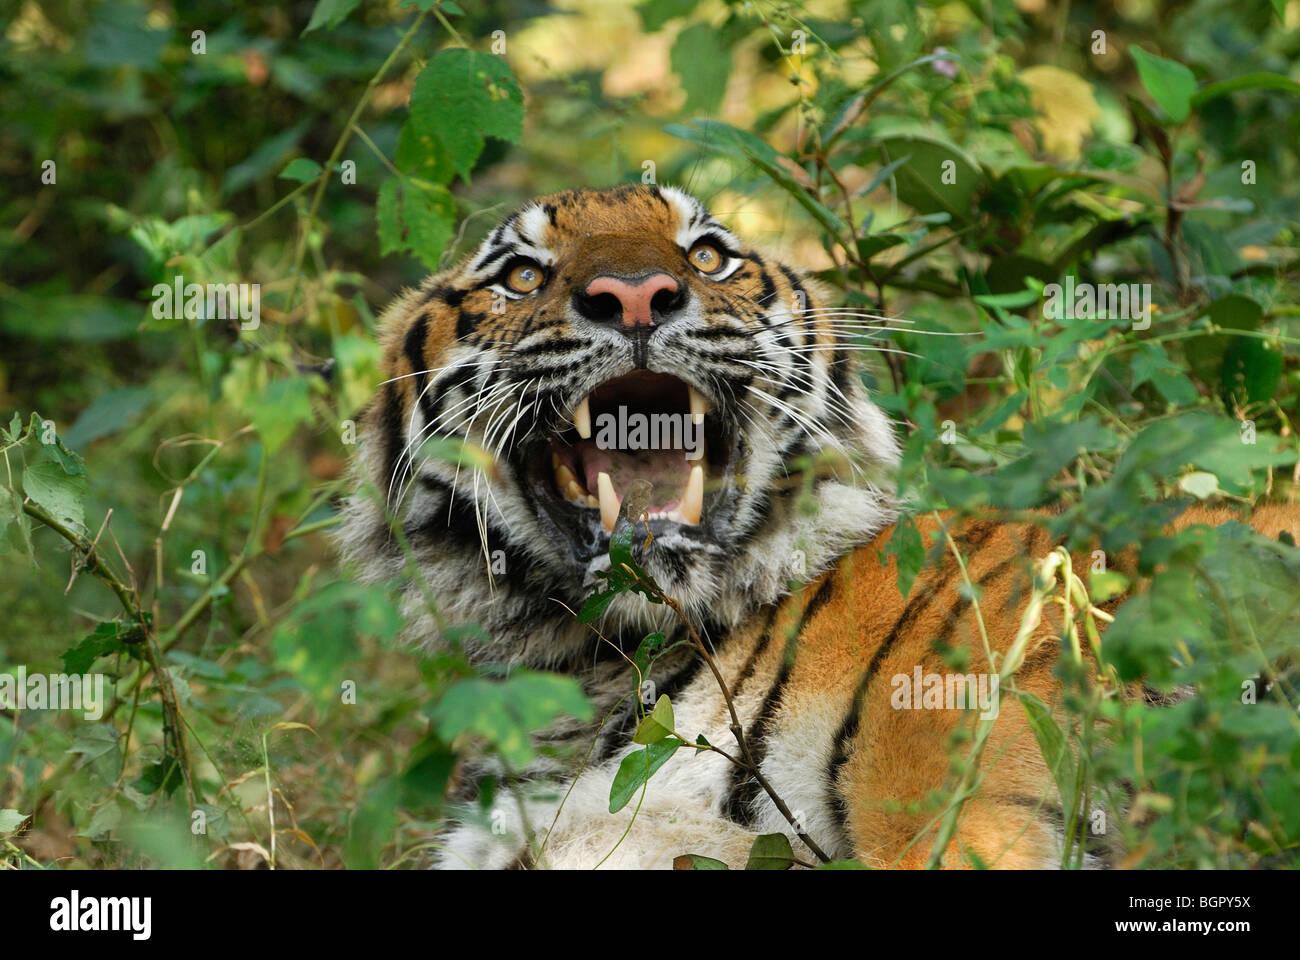 El tigre (Panthera tigris), adulto gruñir, Tailandia Imagen De Stock